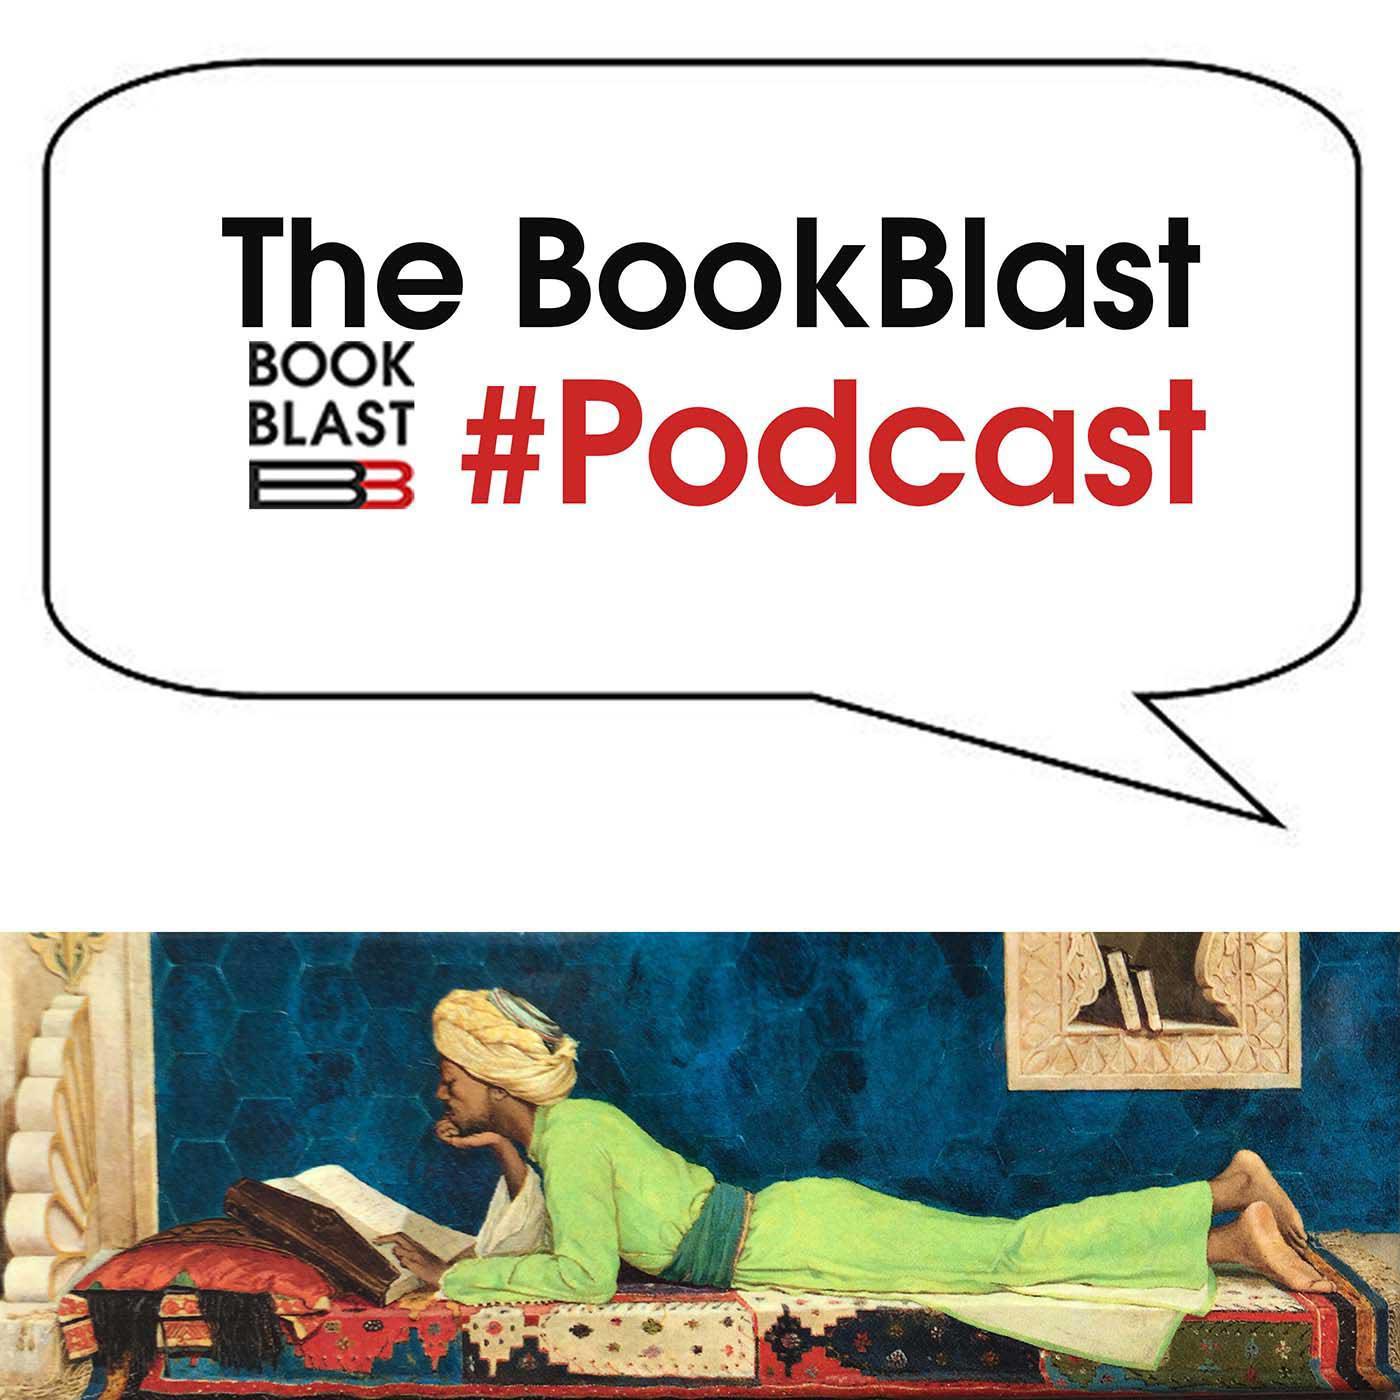 BookBlast® Podcast